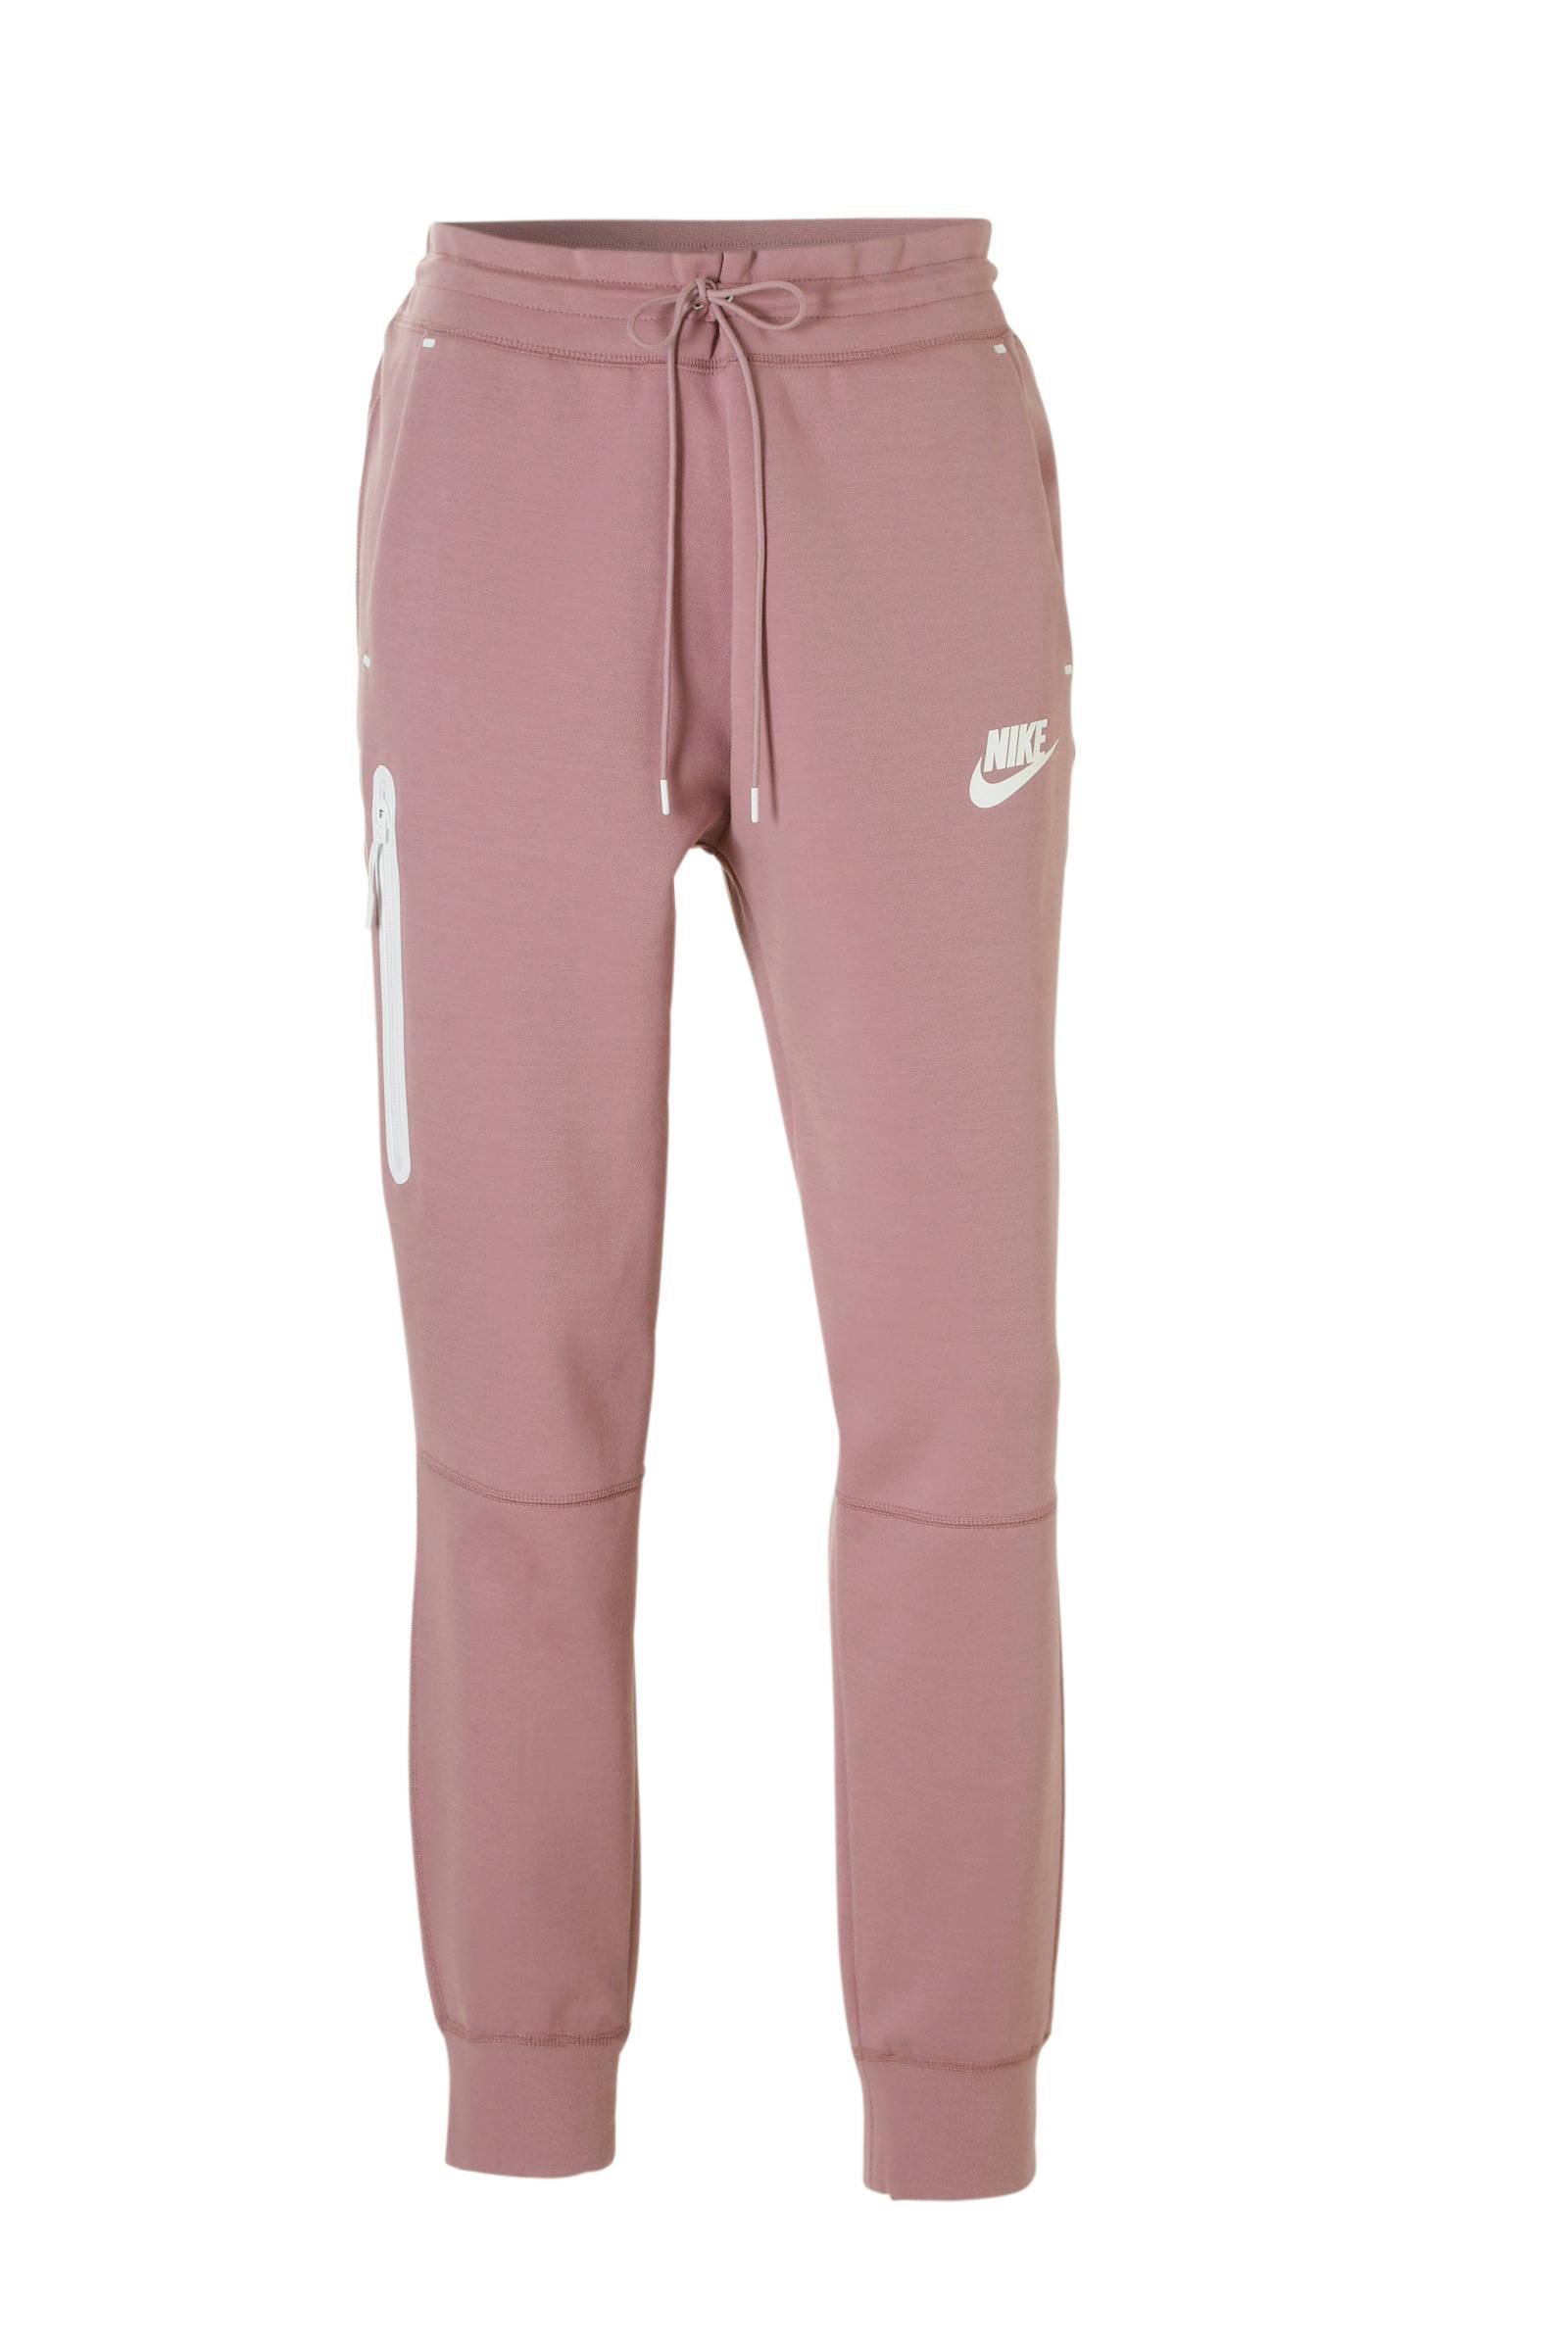 Tech Fleece regular fit joggingbroek met logo roze